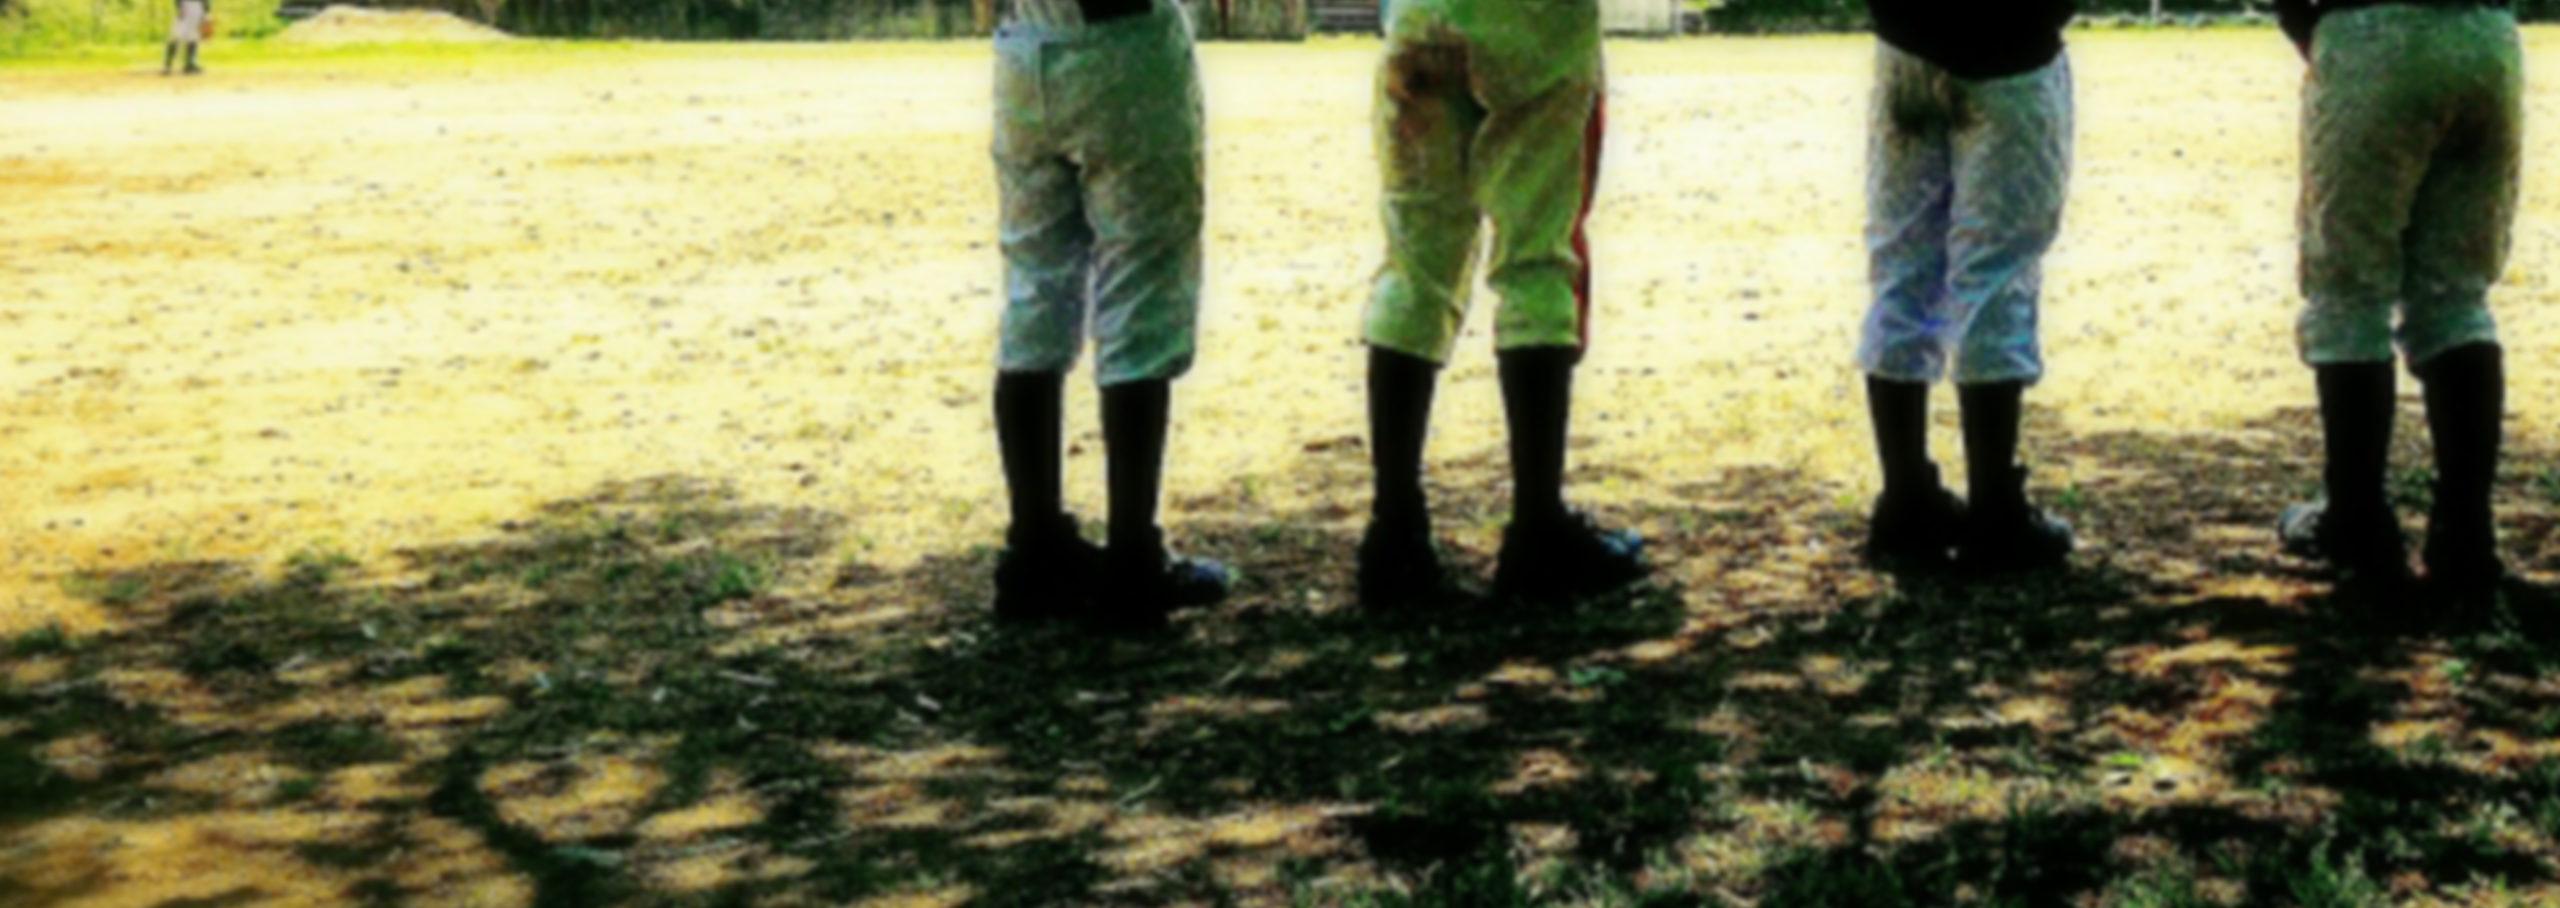 失敗しないオリジナル野球パンツオーダーの3つのコツ